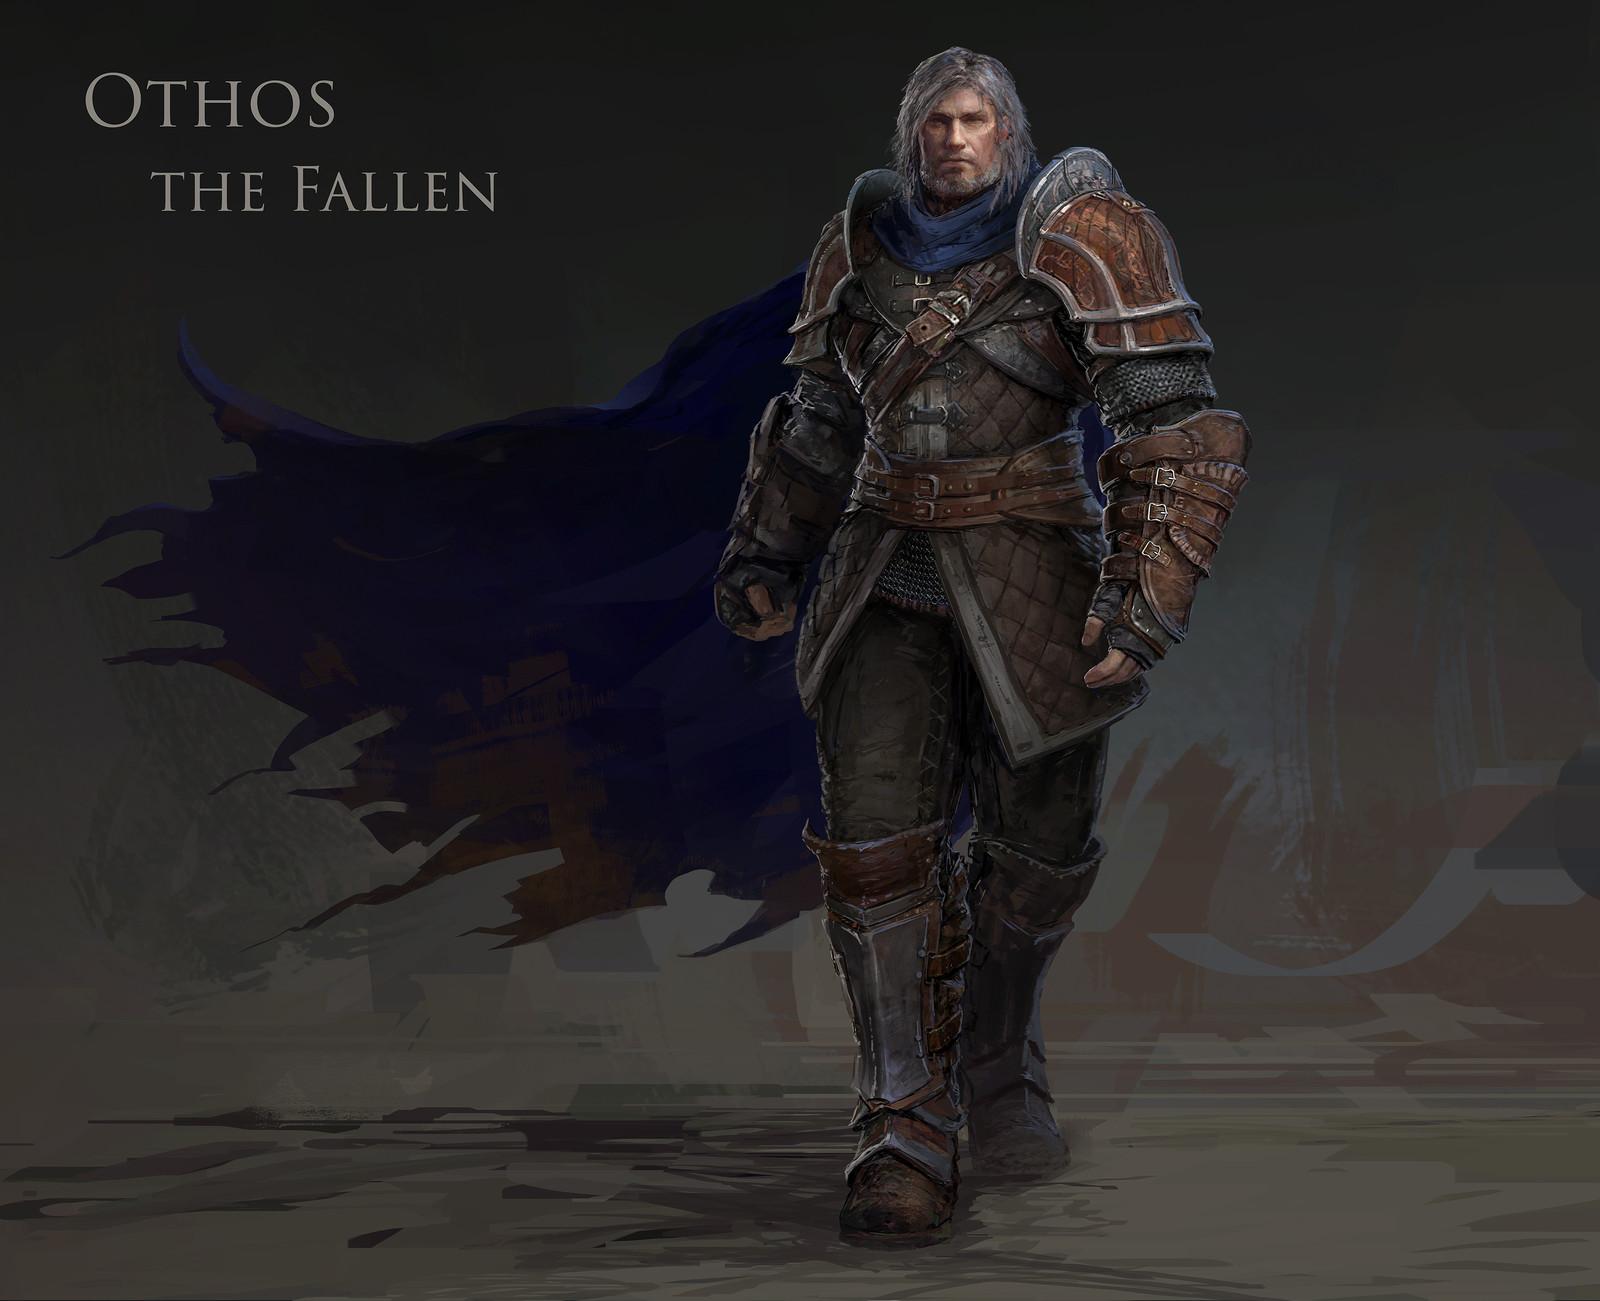 Othos the Fallen